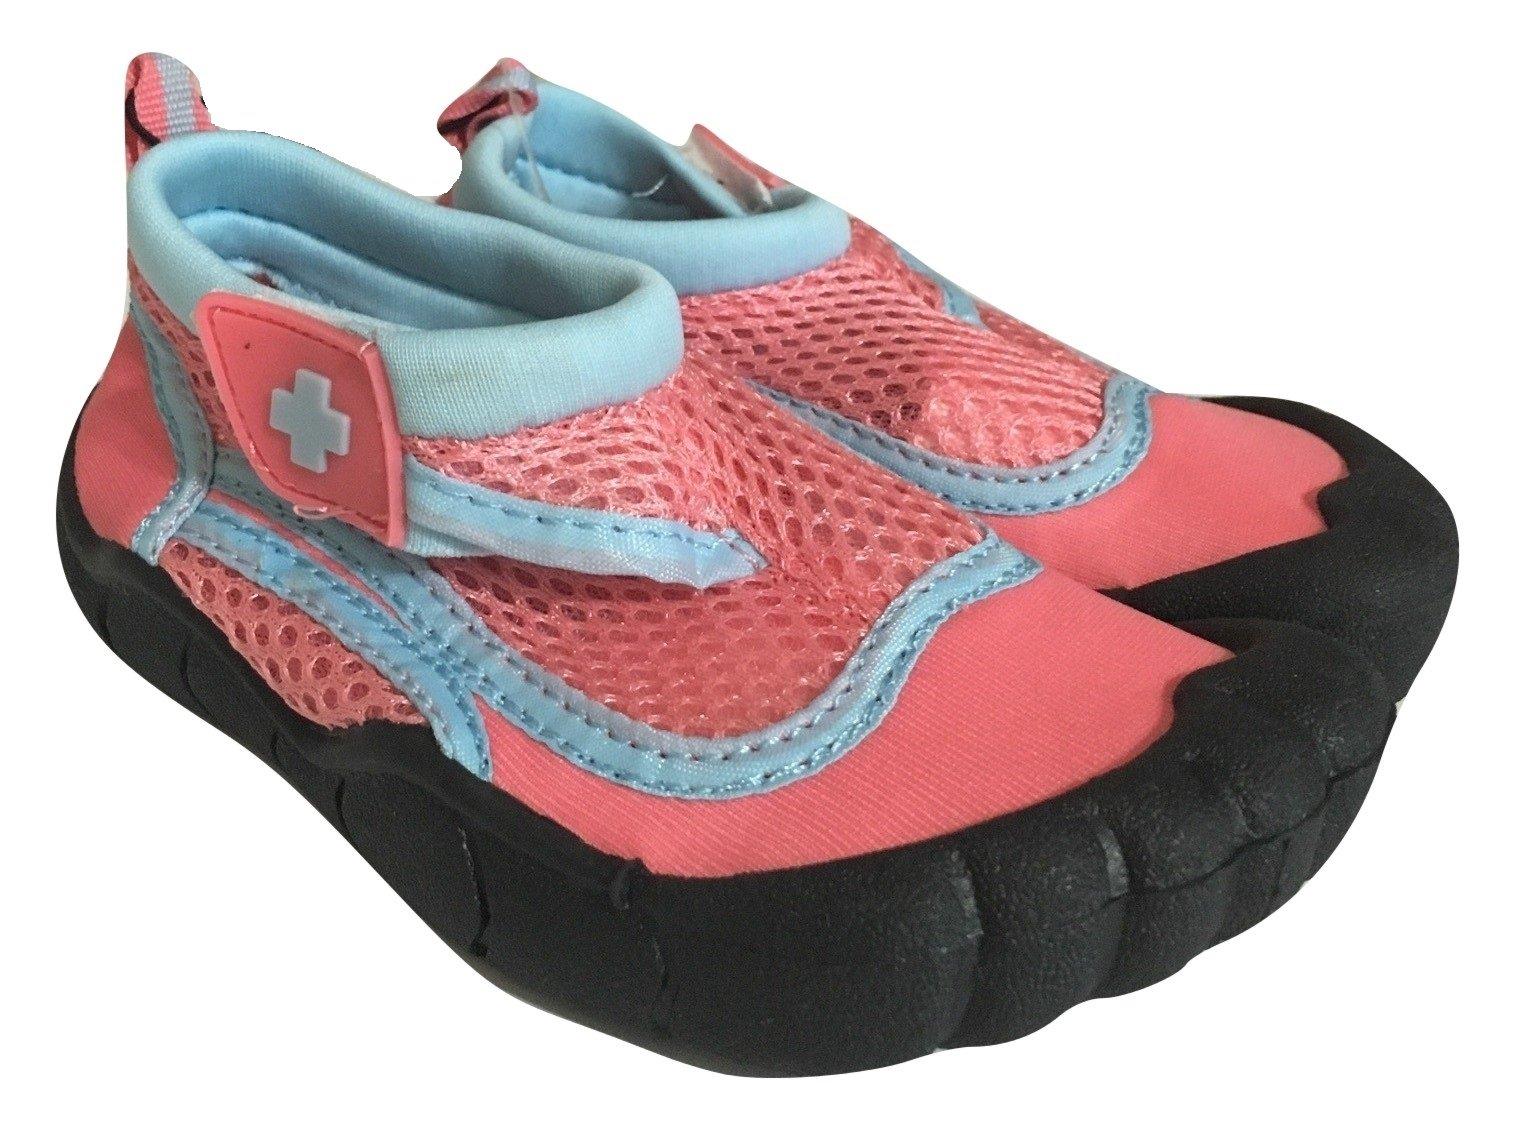 Toddler Activity Shoe, Water Shoe, Aqua Shoe, Grip Socks, Outdoor shoe, Lifeguard Brand (9/10 L, Pink/ Baby Blue)